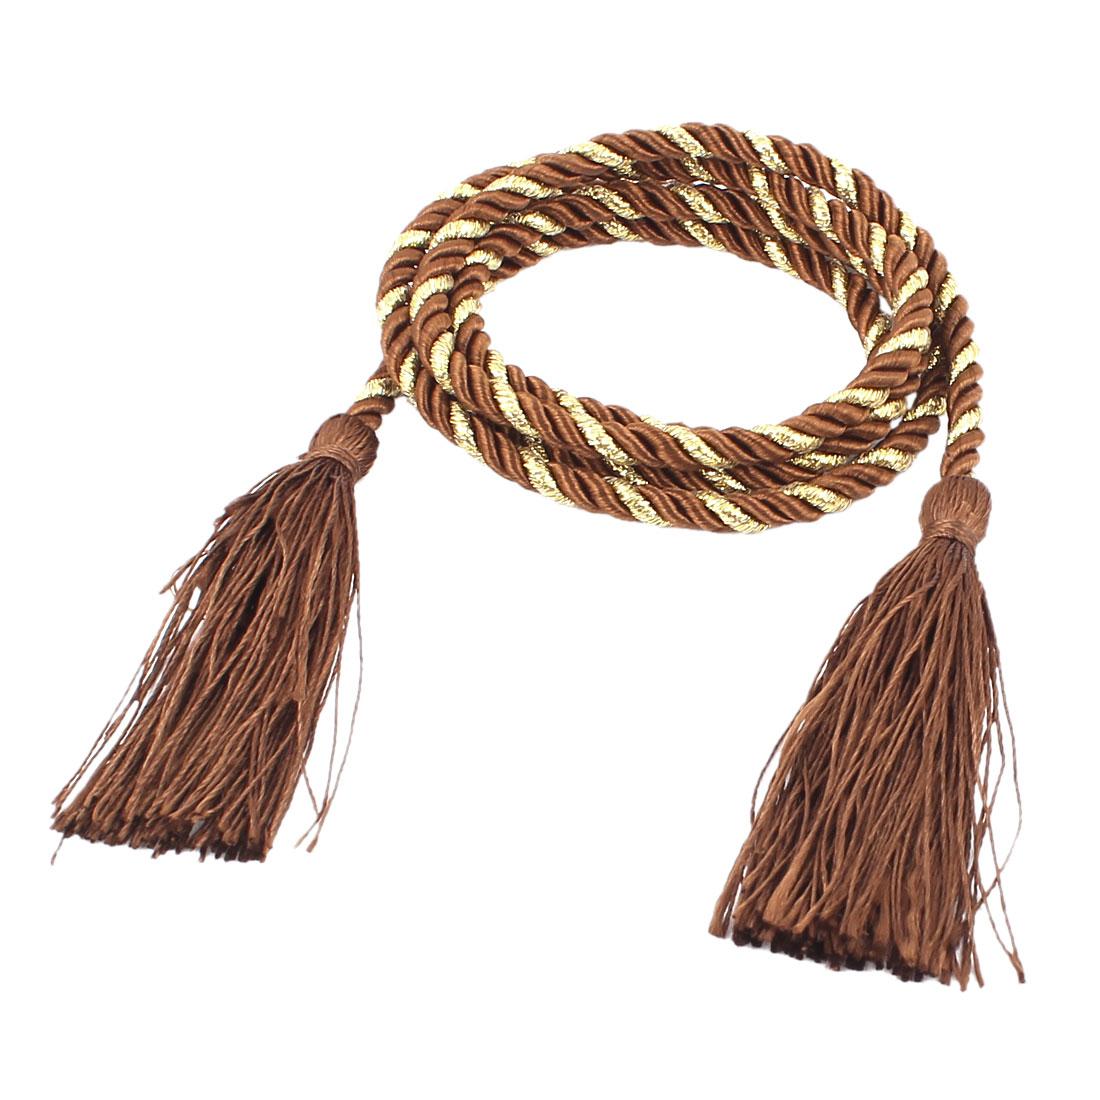 Window Curtain Tieback Tie Back Tassels Trim Rope Cord 133cm Coffee Color